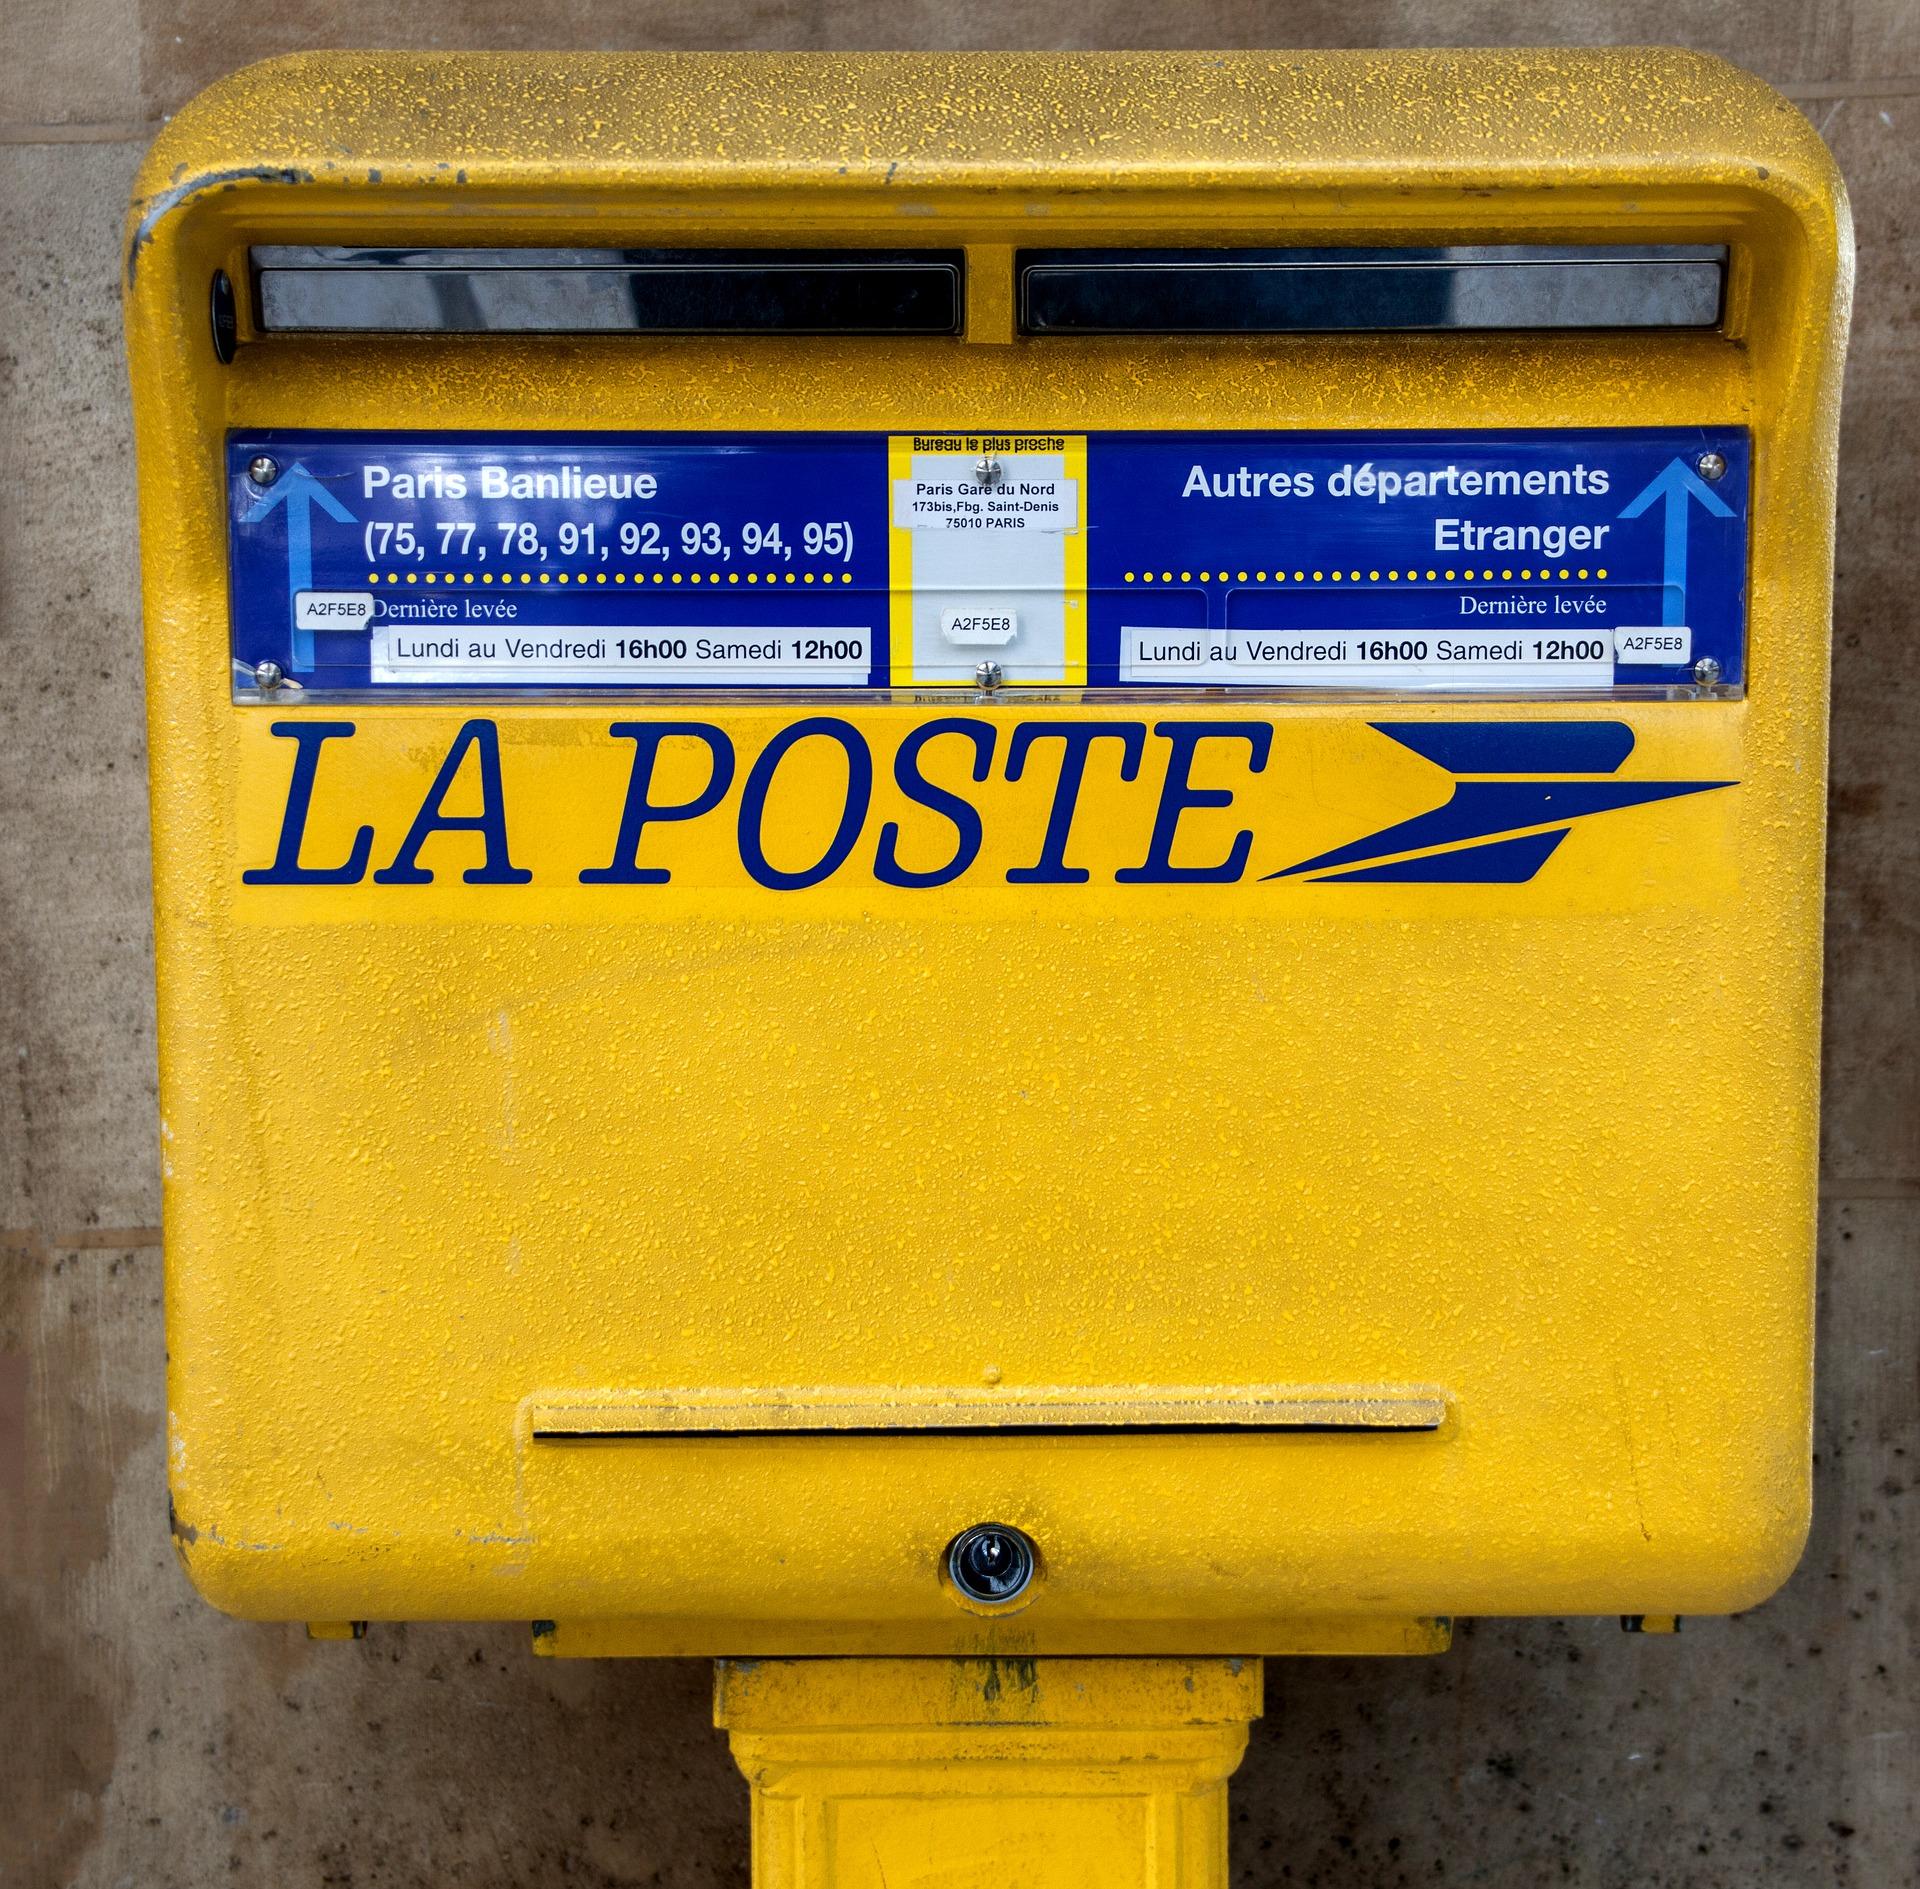 Scandale à la Poste: une vidéo montre un employé jetant des colis